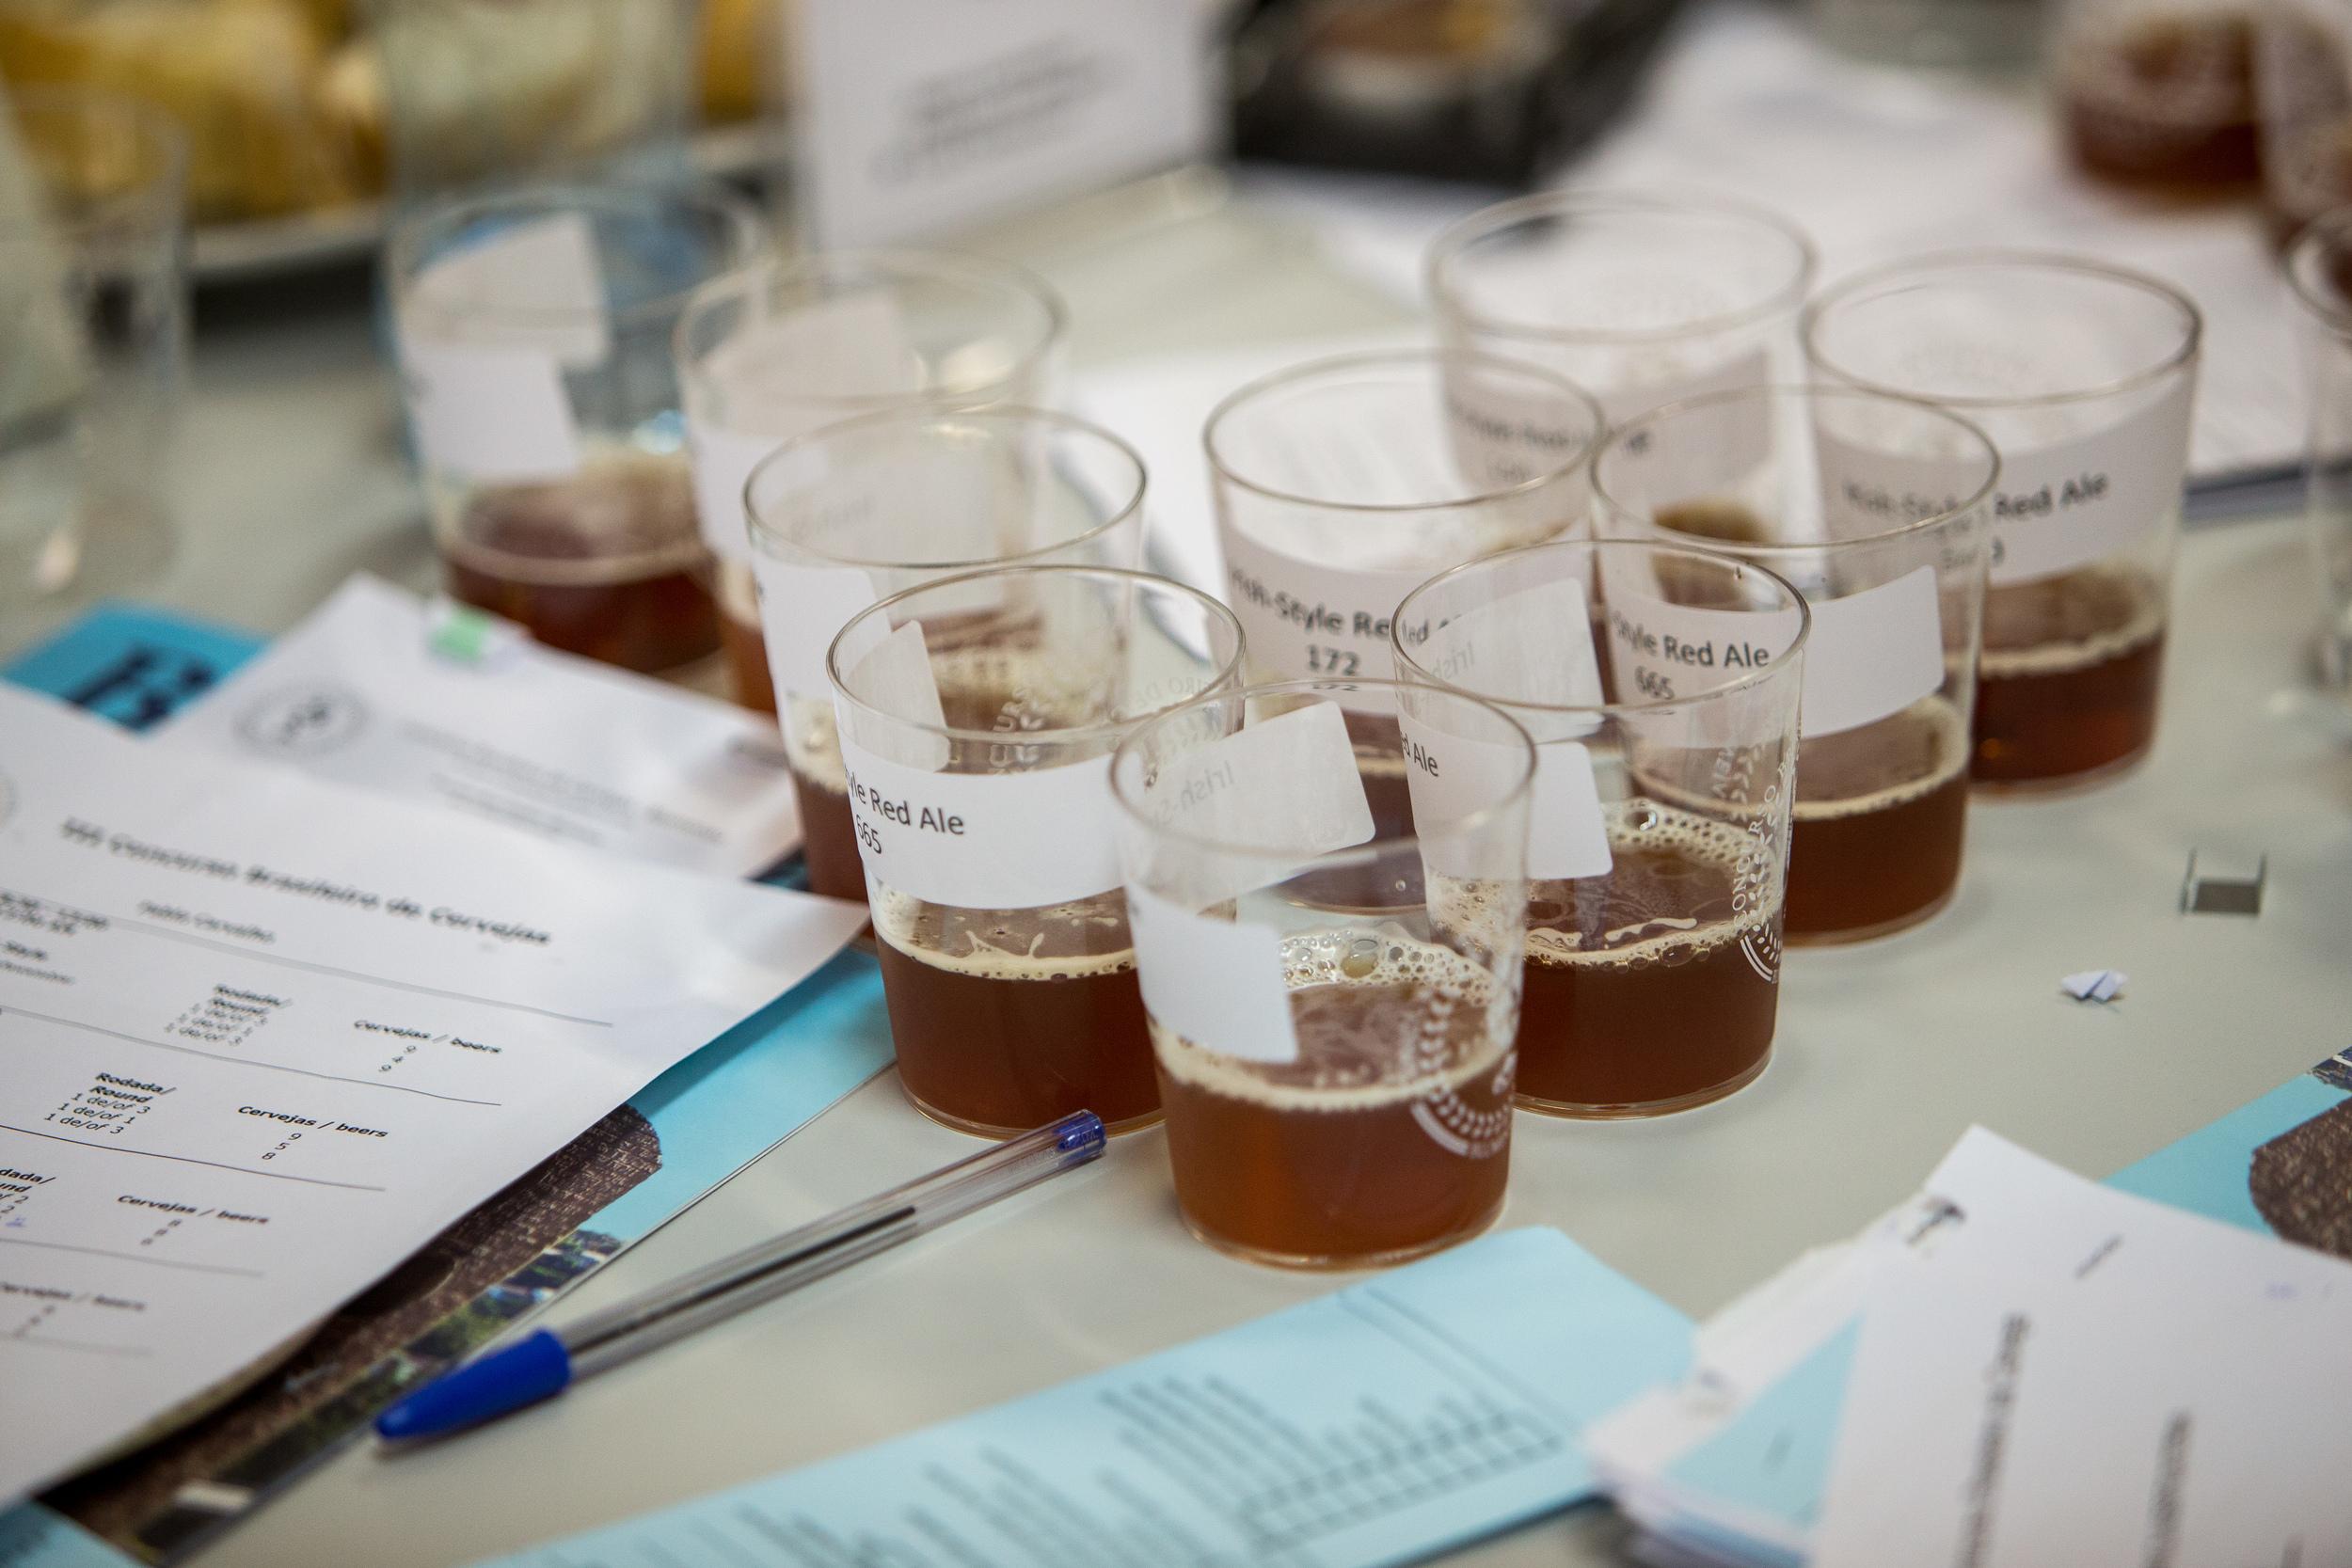 São 117 estilos de cerveja em julgamento neste ano, sendo 41 a mais do que 2014 (Foto: Ricardo Jaeger/Beer ART)